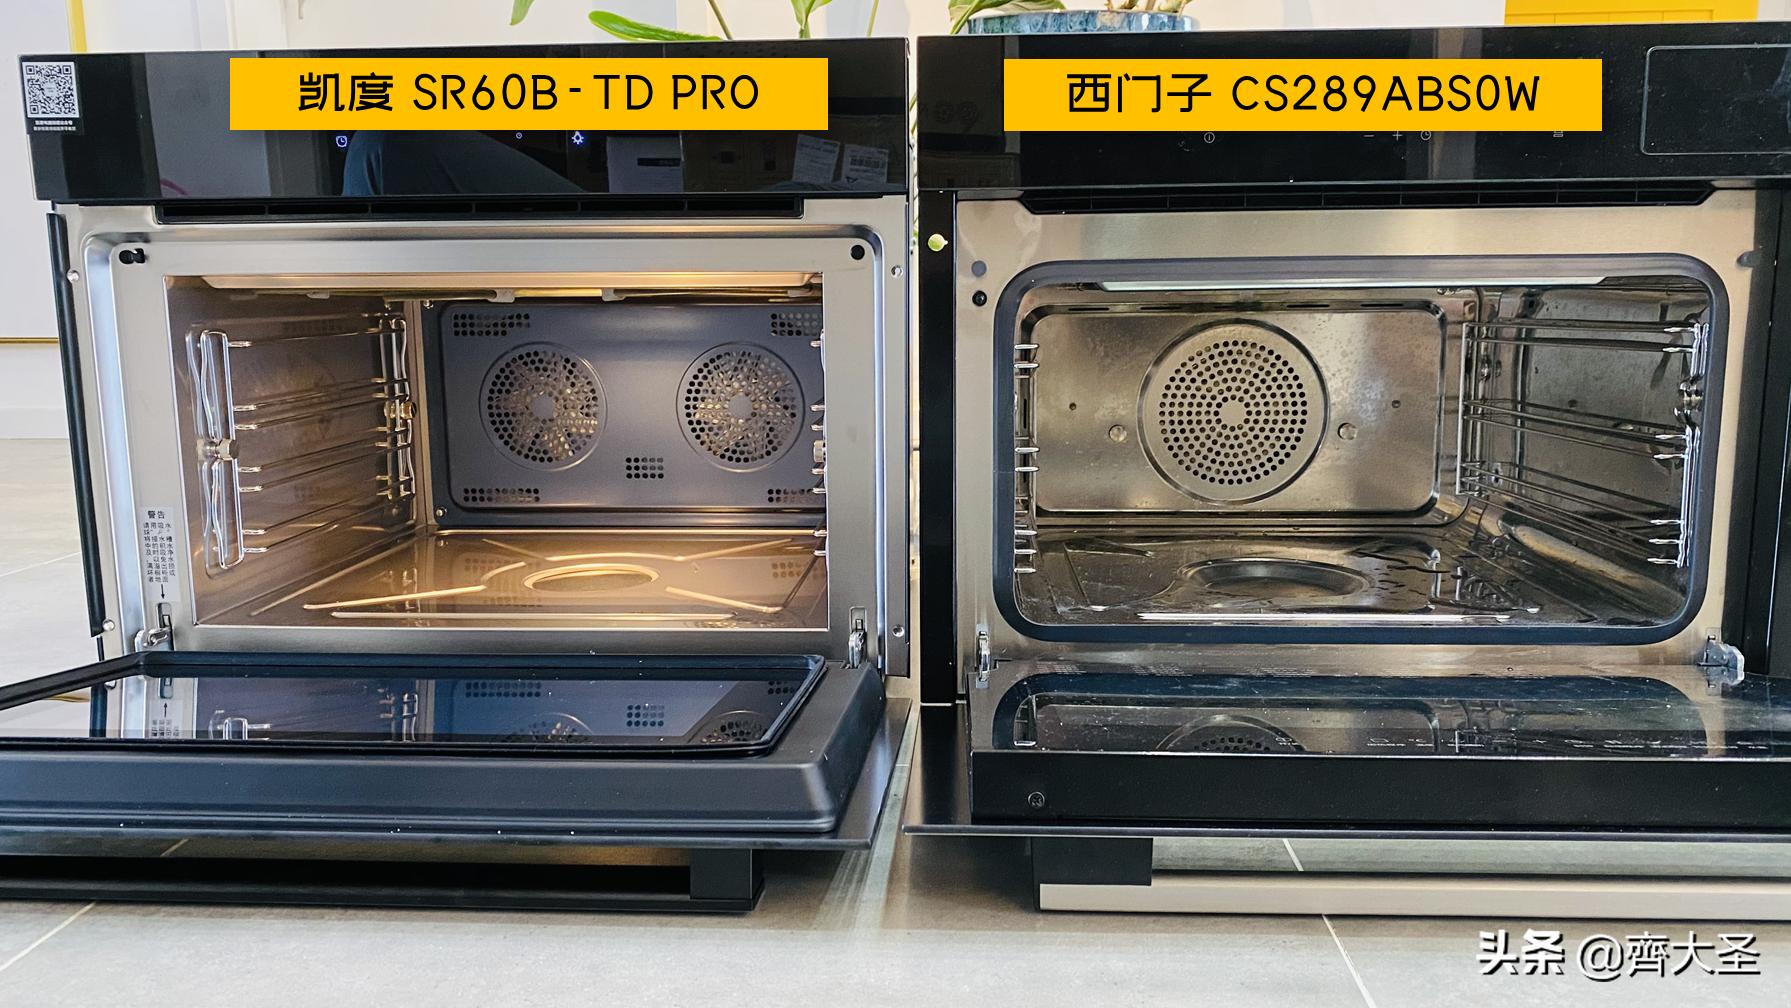 「618蒸烤箱怎么选」我搞来两台热销蒸烤箱告诉你,就看这7点